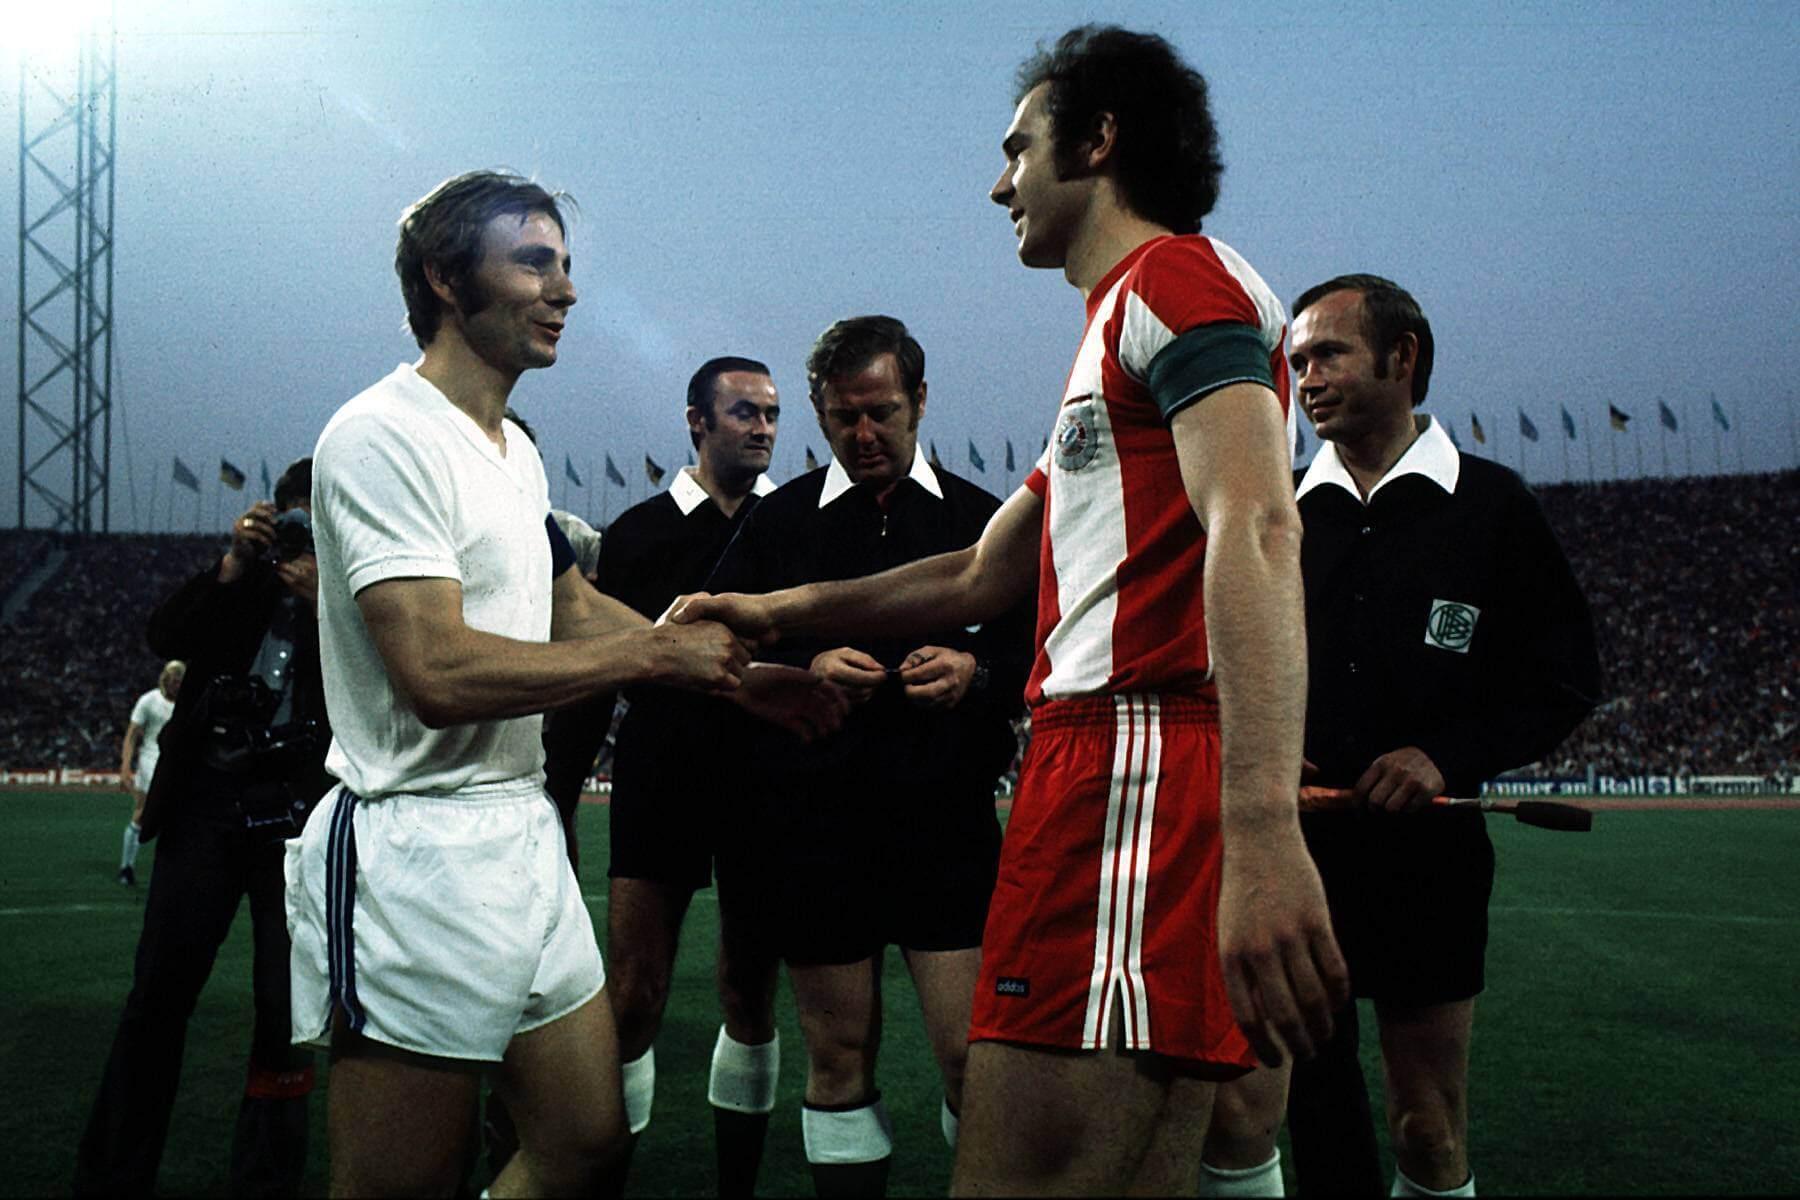 Reinhard Libuda (links) war - genauso wie Franz Beckenbauer - eine prägende fußballerische Figur seiner Zeit. Foto: Imago